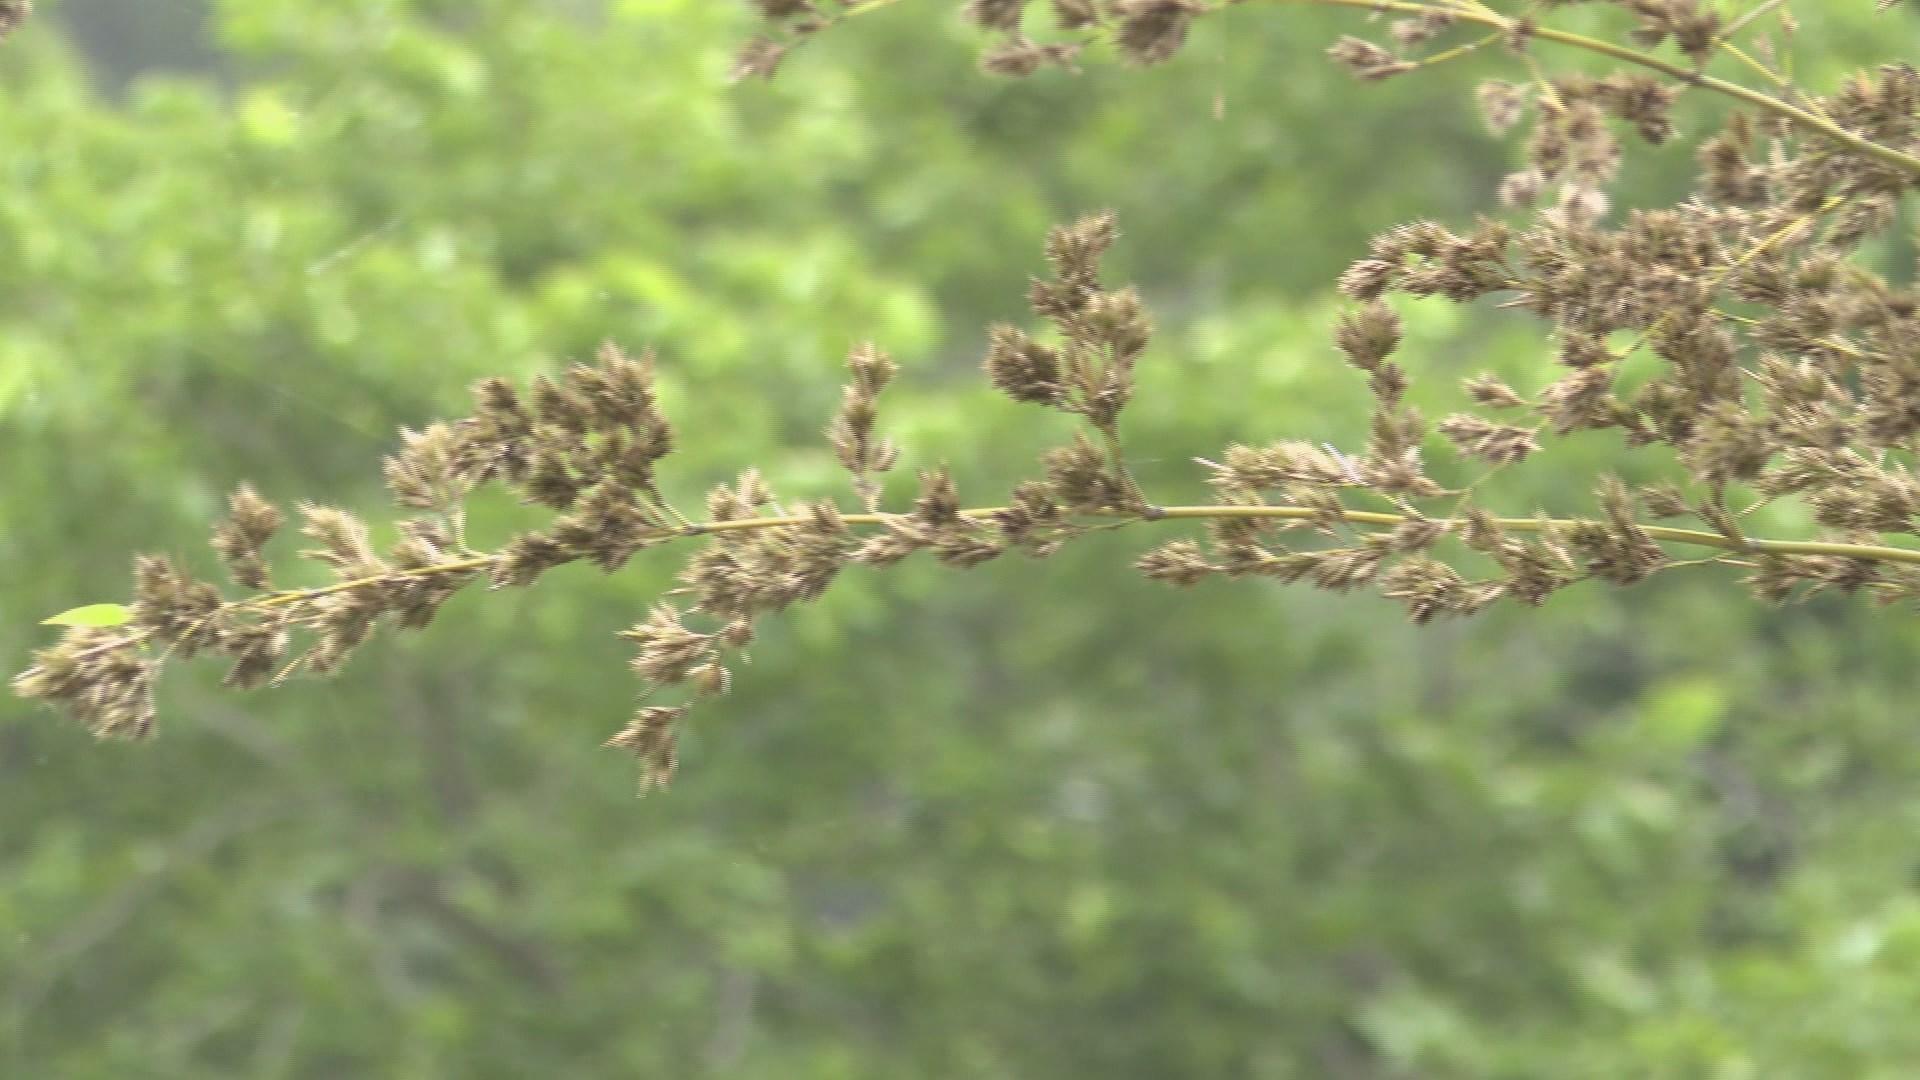 평생 한 번 볼 수 있을까…신비의 대나무꽃 만개